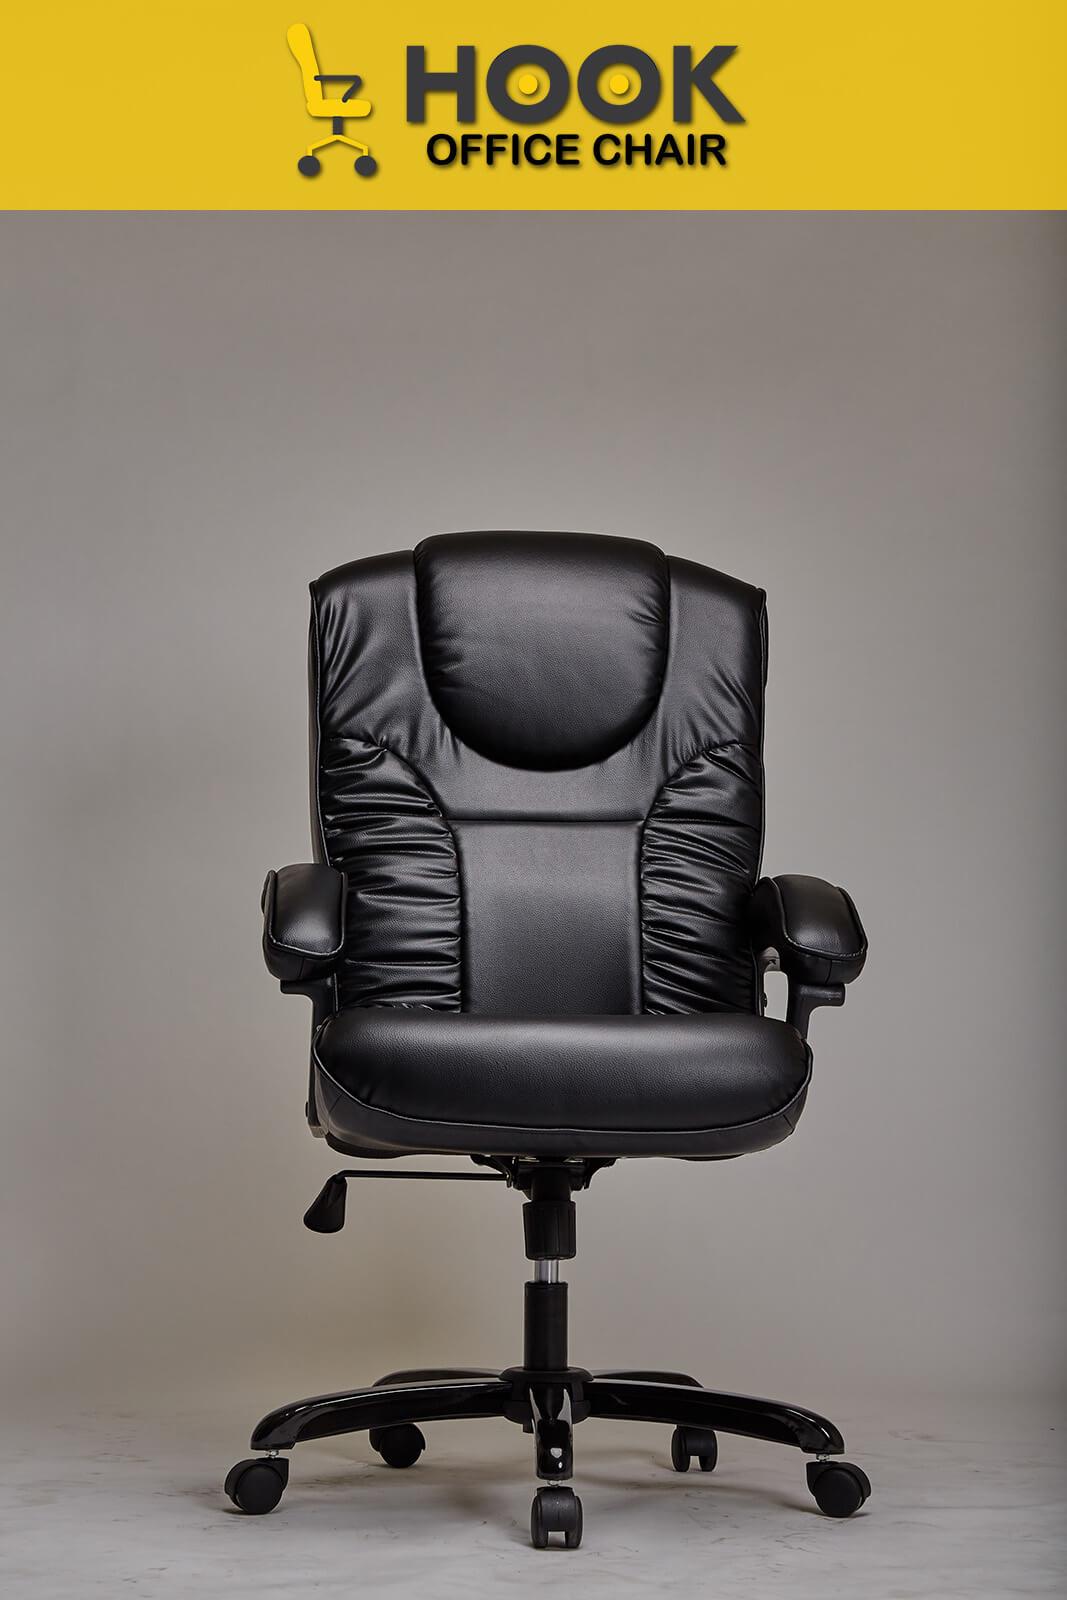 เก้าอี้ผู้บริหาร เก้าอี้สำนักงาน รุ่น H06-003